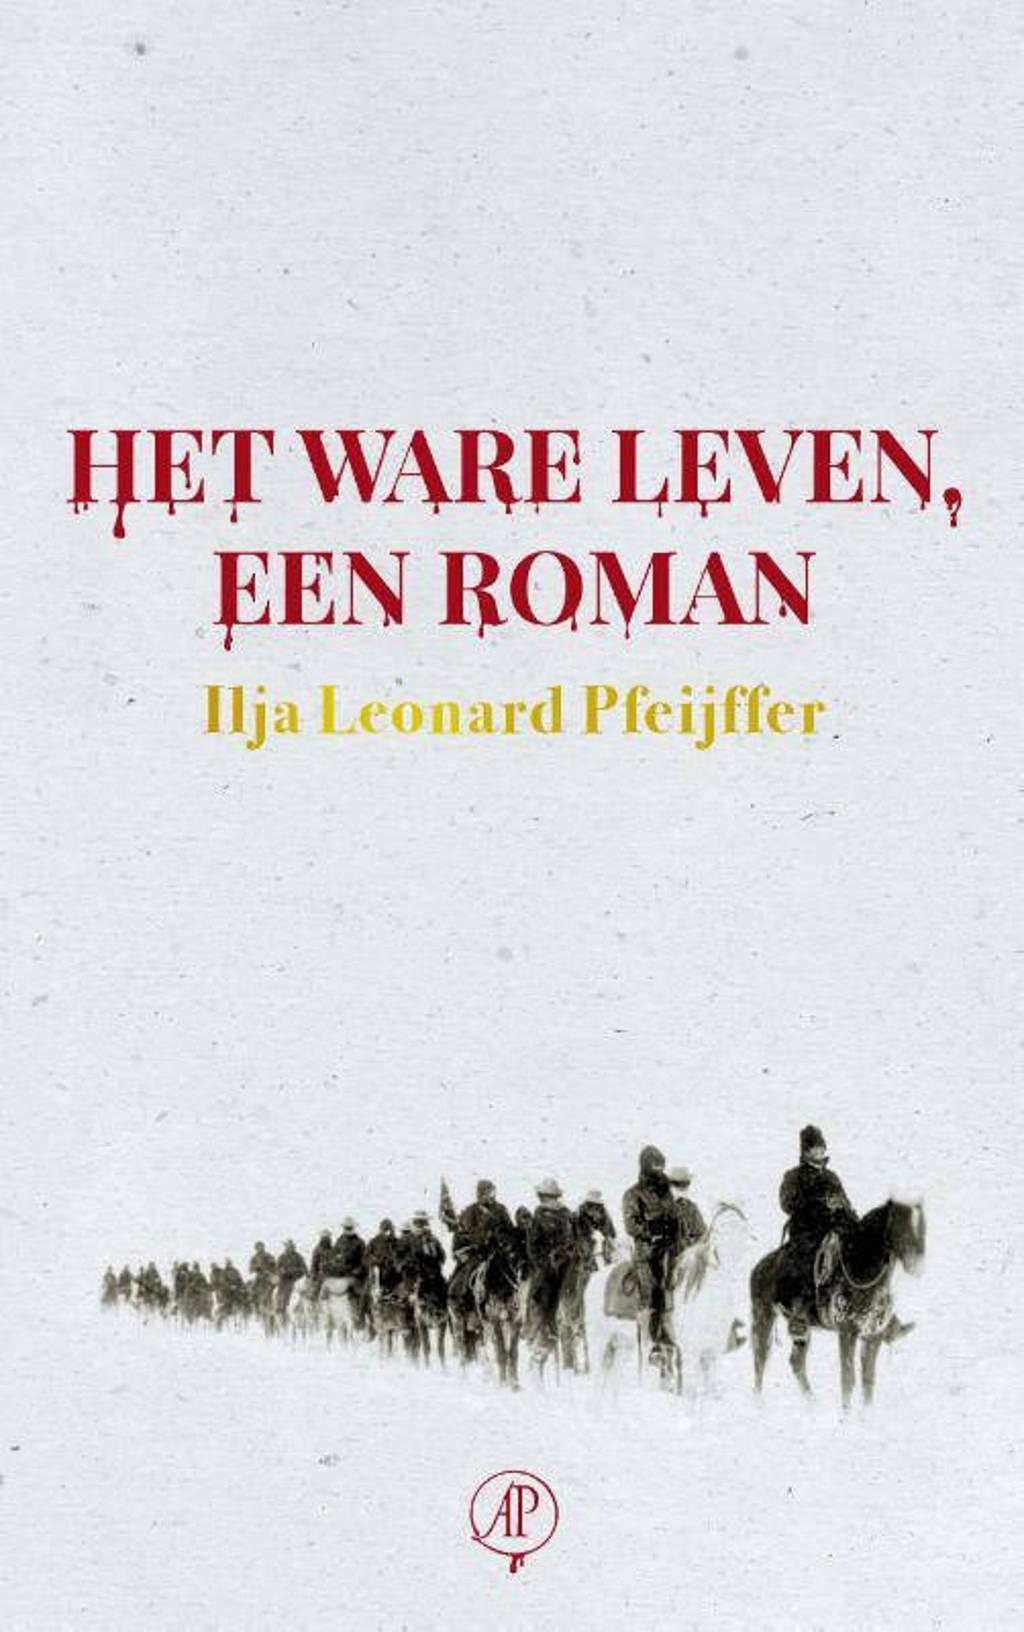 Het ware leven, een roman - Ilja Leonard Pfeijffer